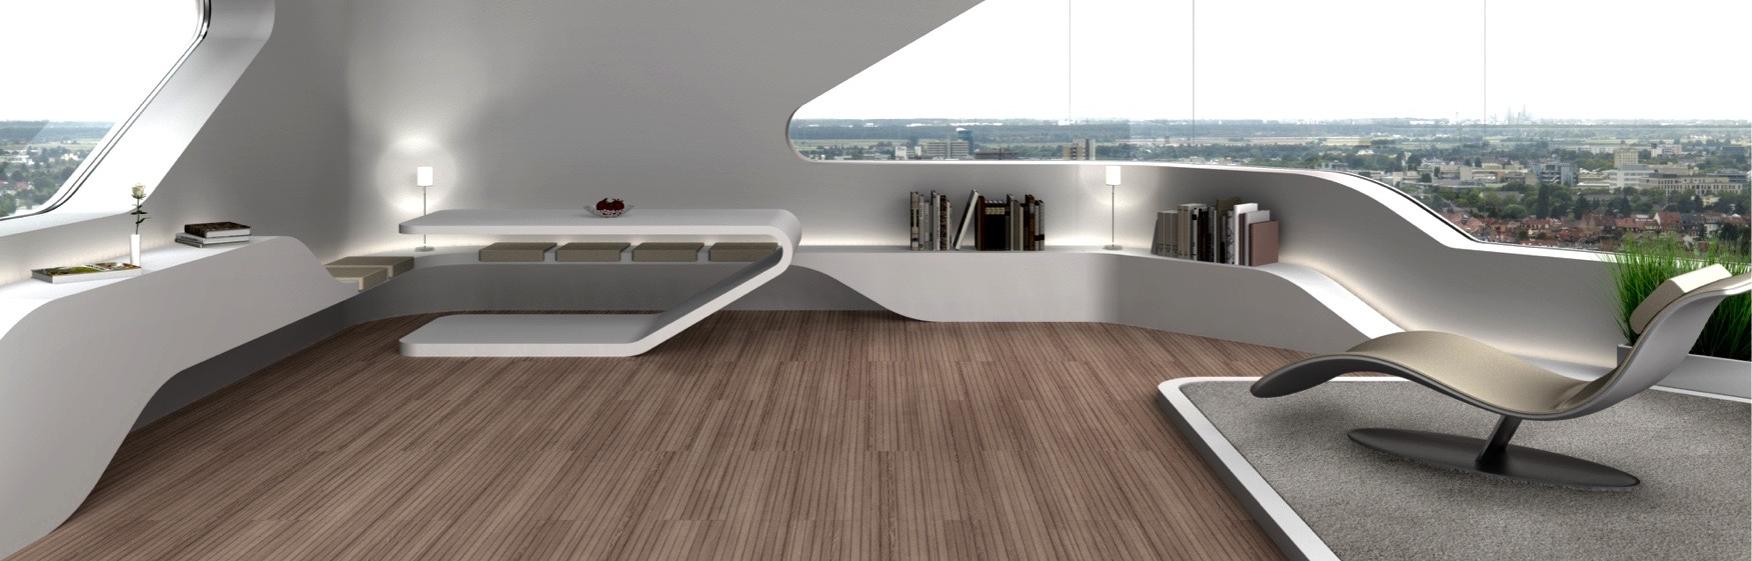 D coration int rieur salon design toulouse agence ambiente 31 - Decoration interieur toulouse ...